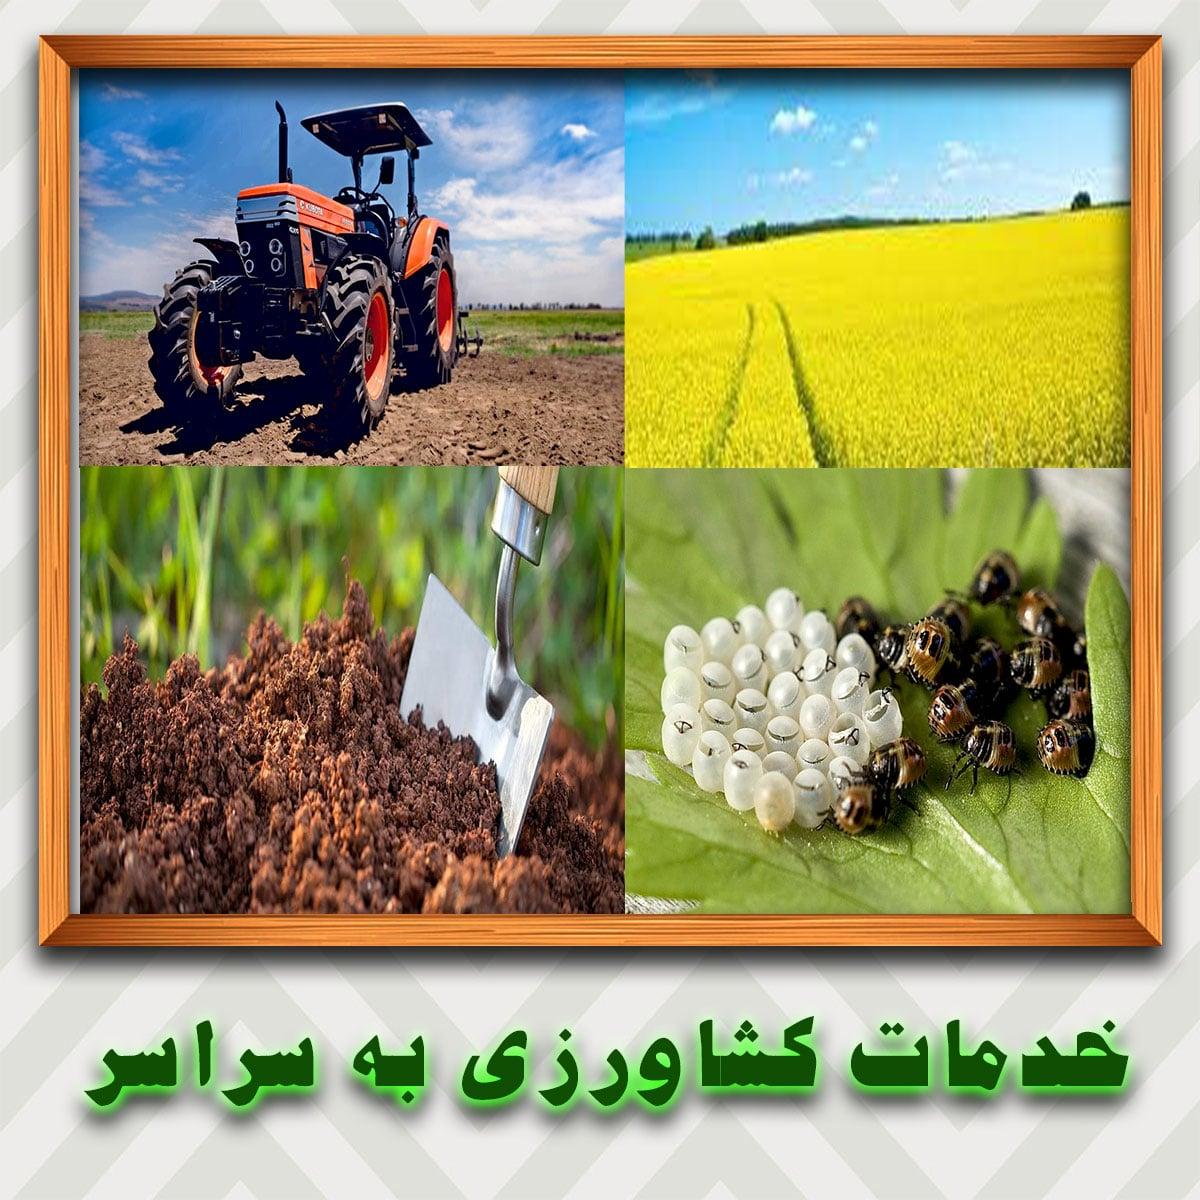 عرضه-خدمات-کشاورزی-به-سراسر-نقاط-ایران-به-صورت-اینترنتی